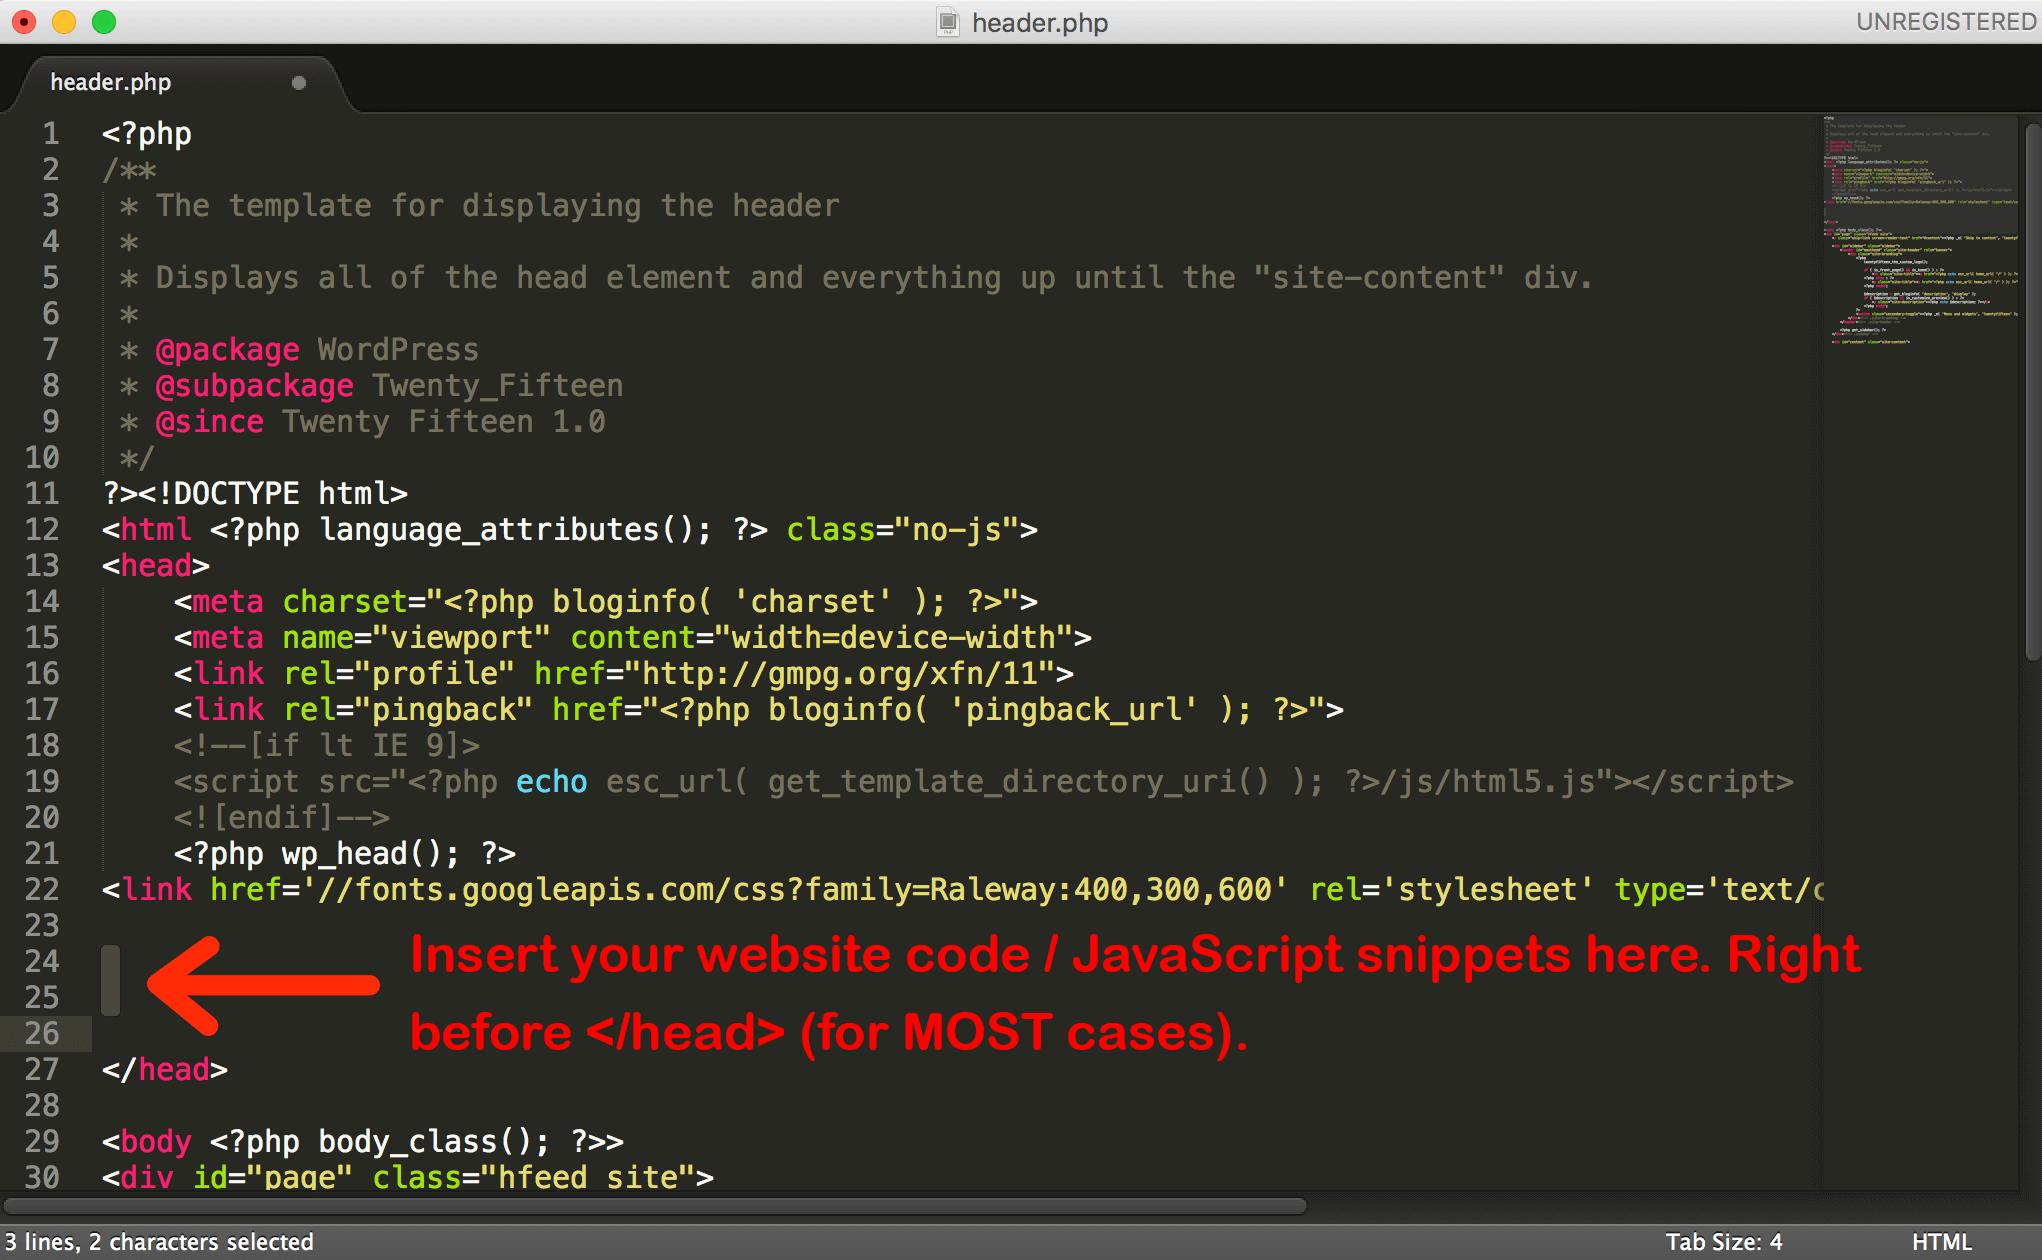 insert code here